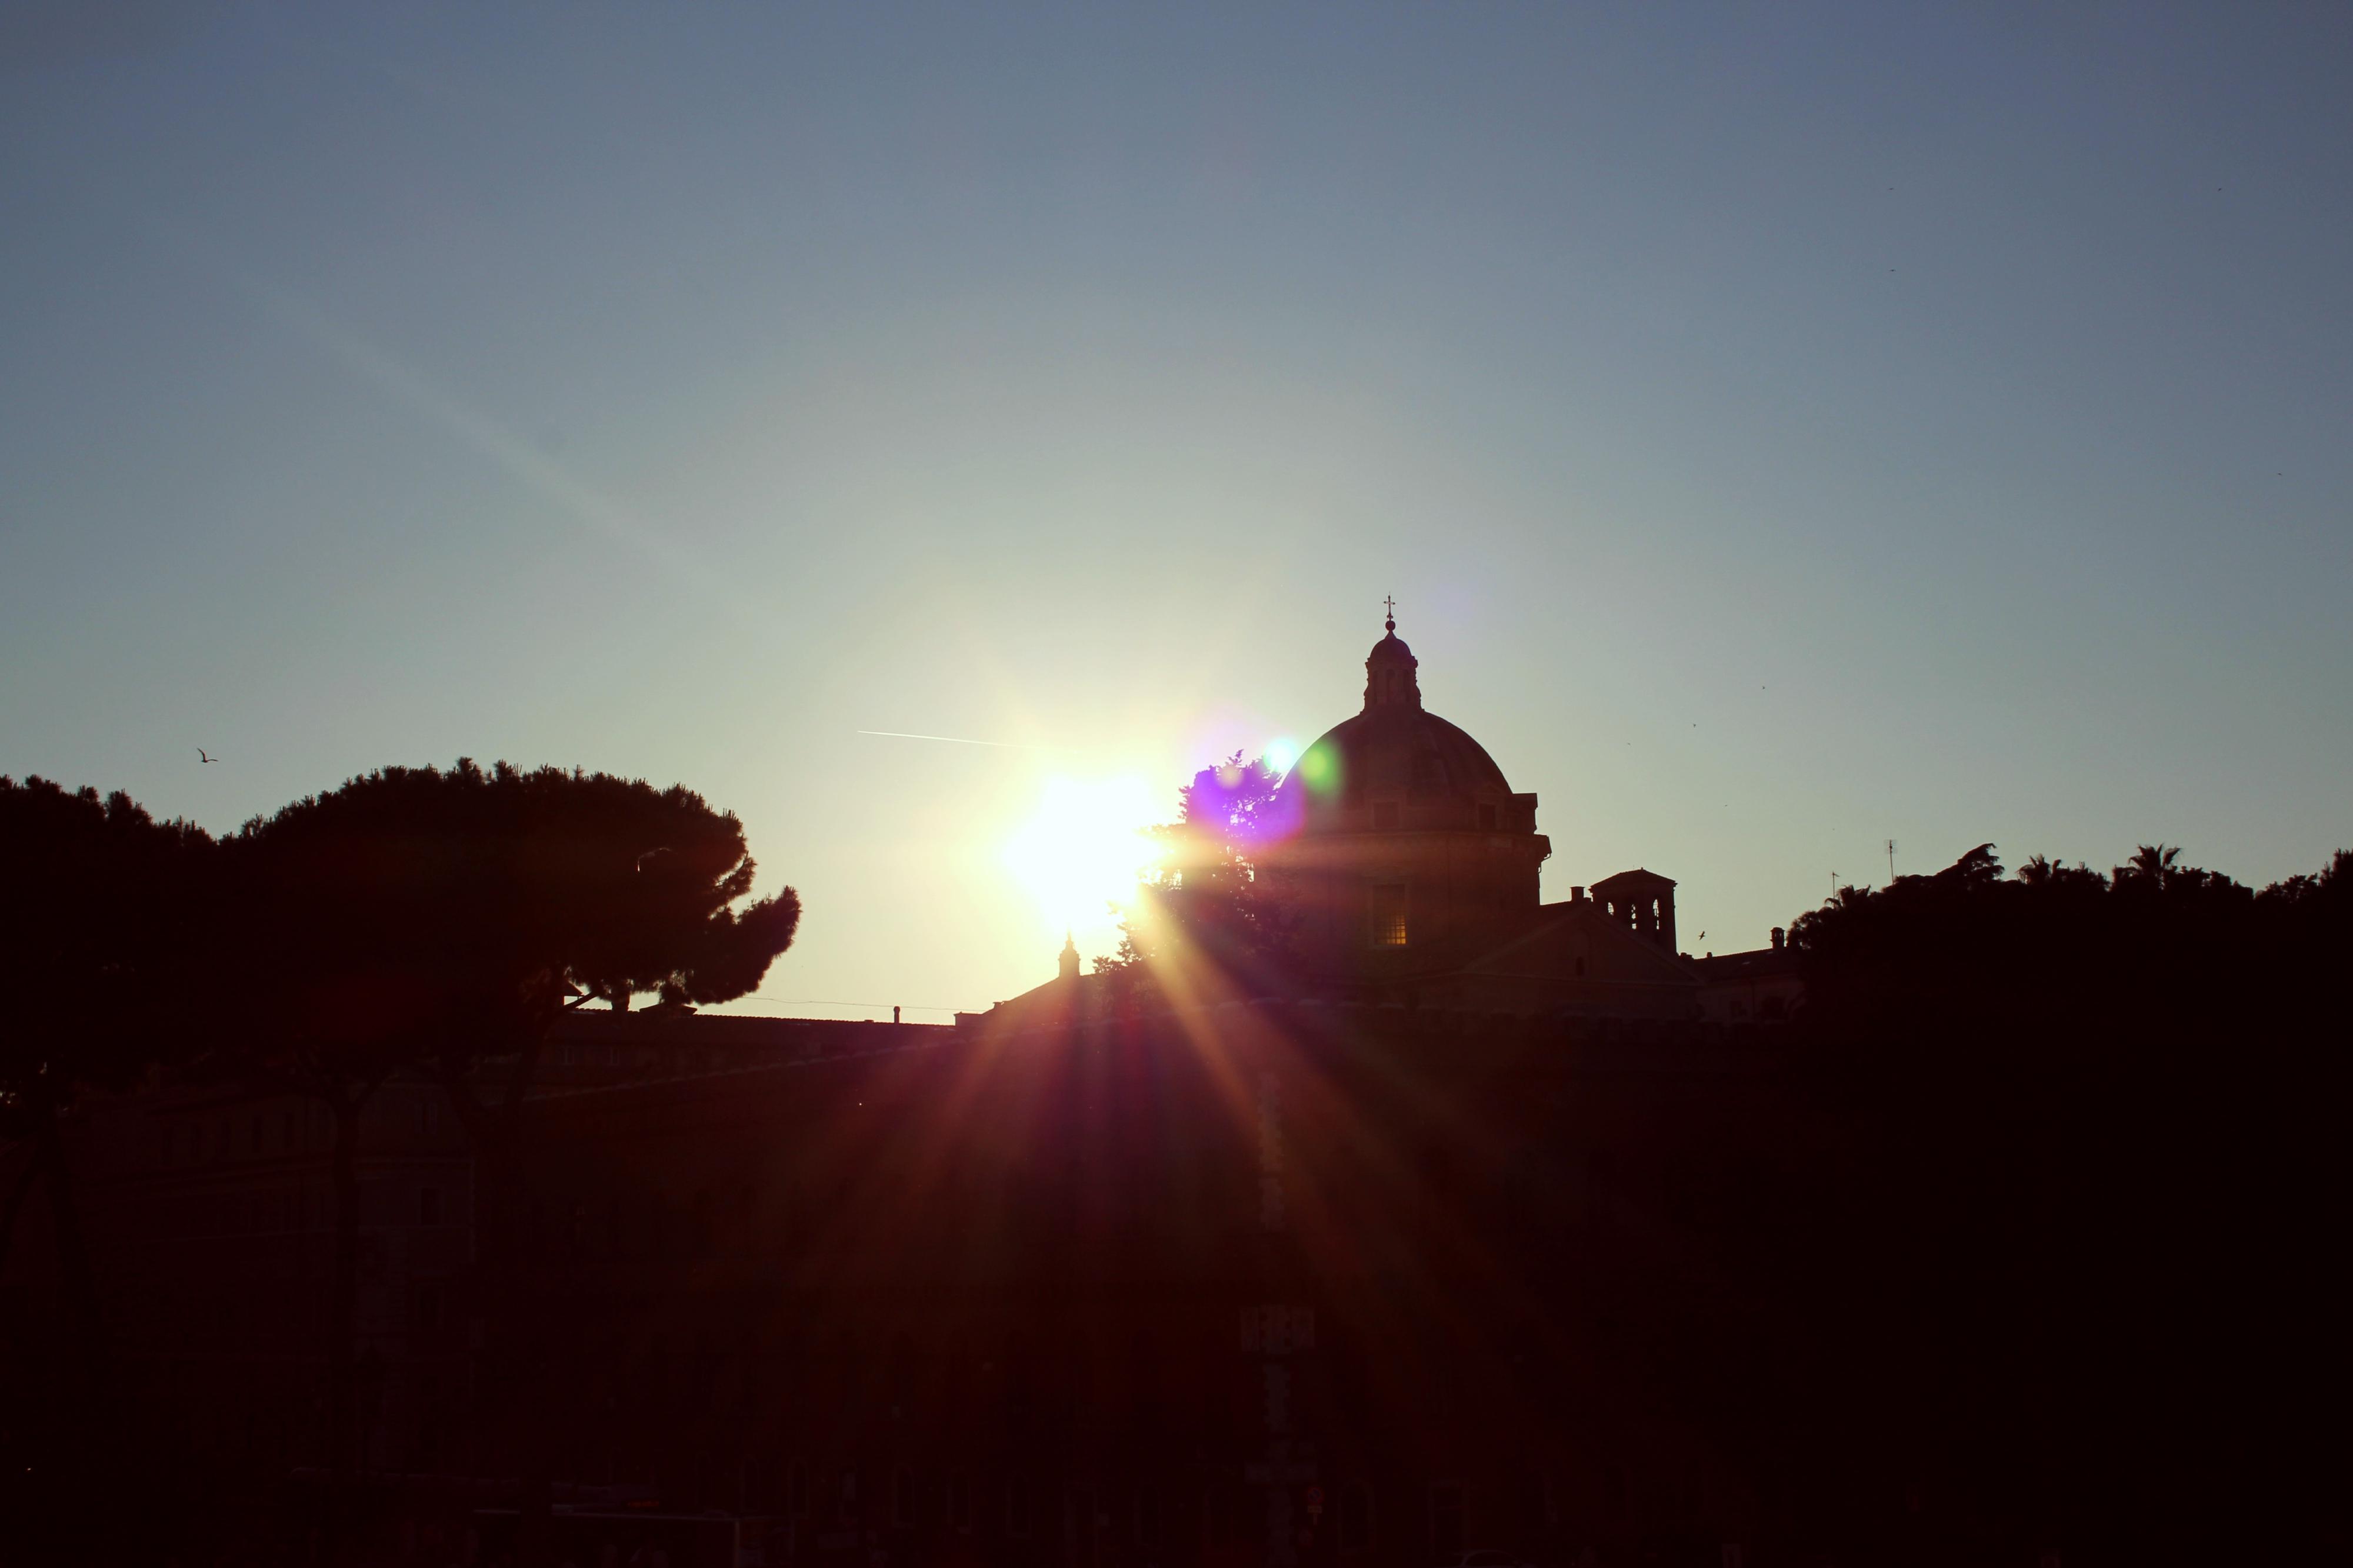 tramonto su una cripta segno di morte